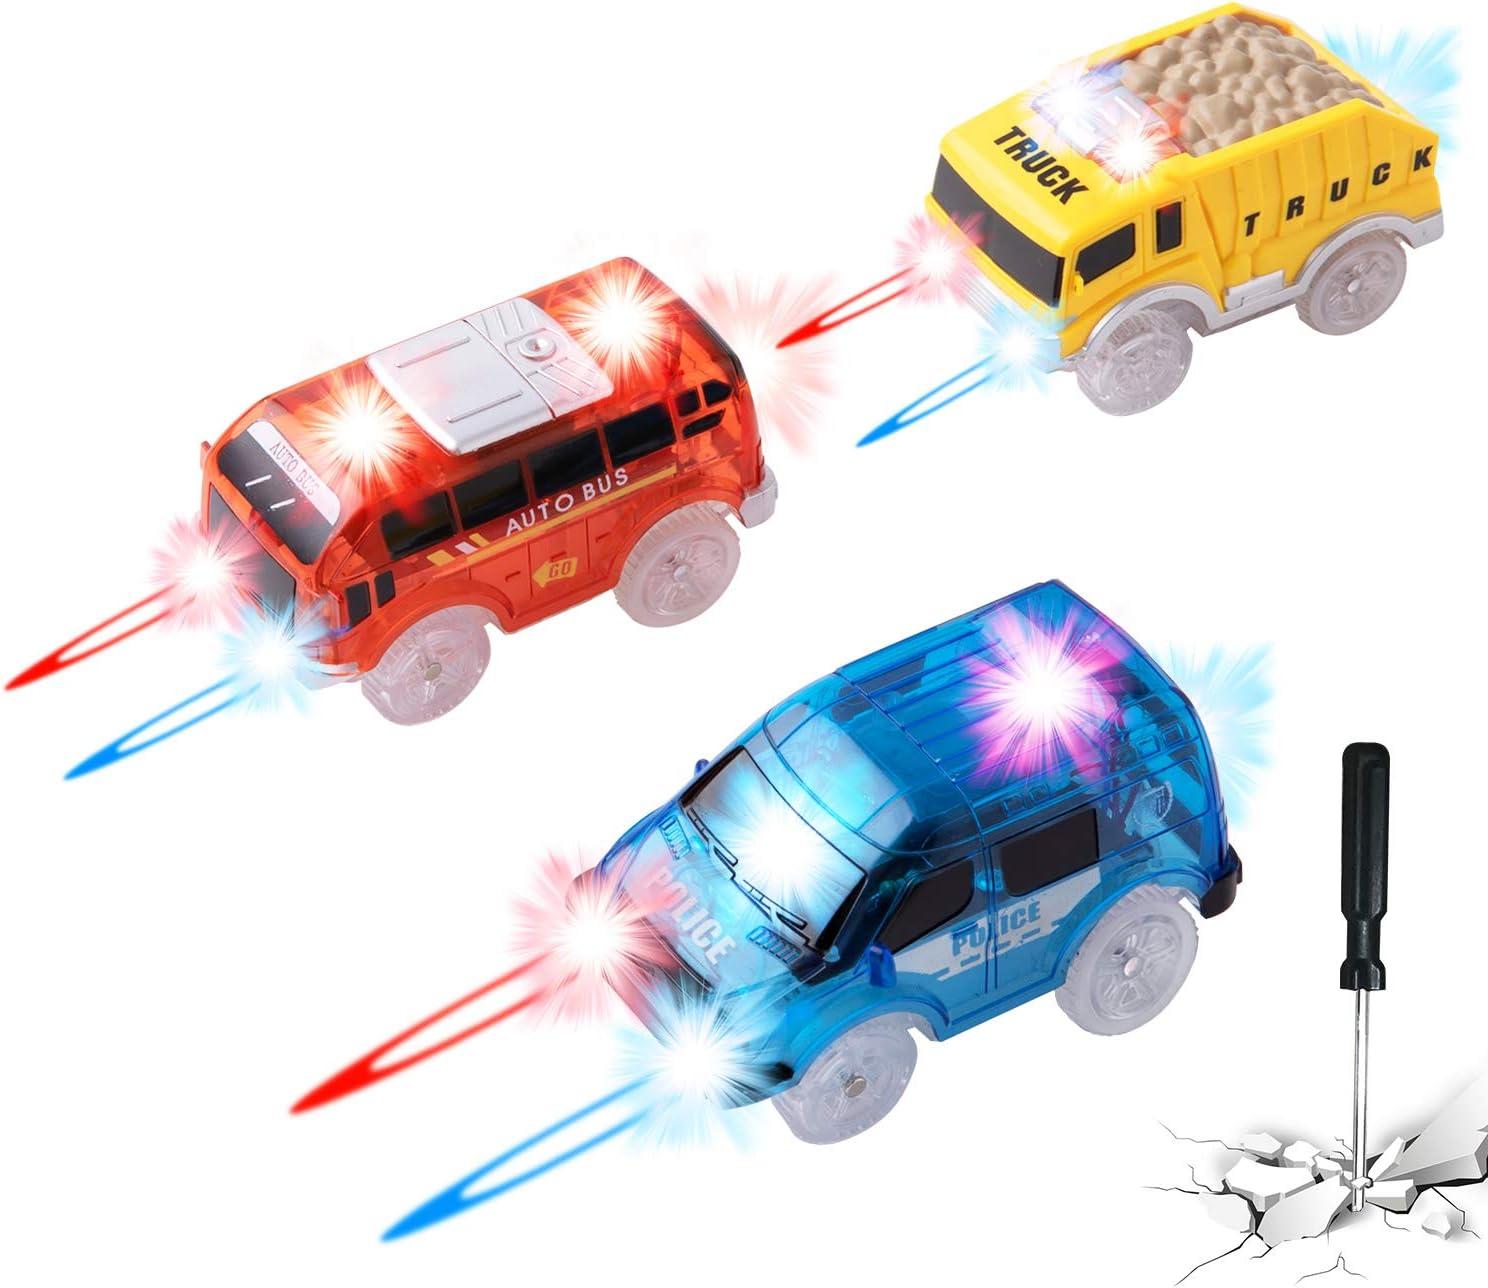 Tamkyo Paquete de 3 Autos de Pista Compatibles con Magic Tracks y Neo Tracks Reemplazo de Accesorios de Pista Carreras de Luces con 5 Luces LED Intermitentes Juguetes para Ni?Os y Ni?As